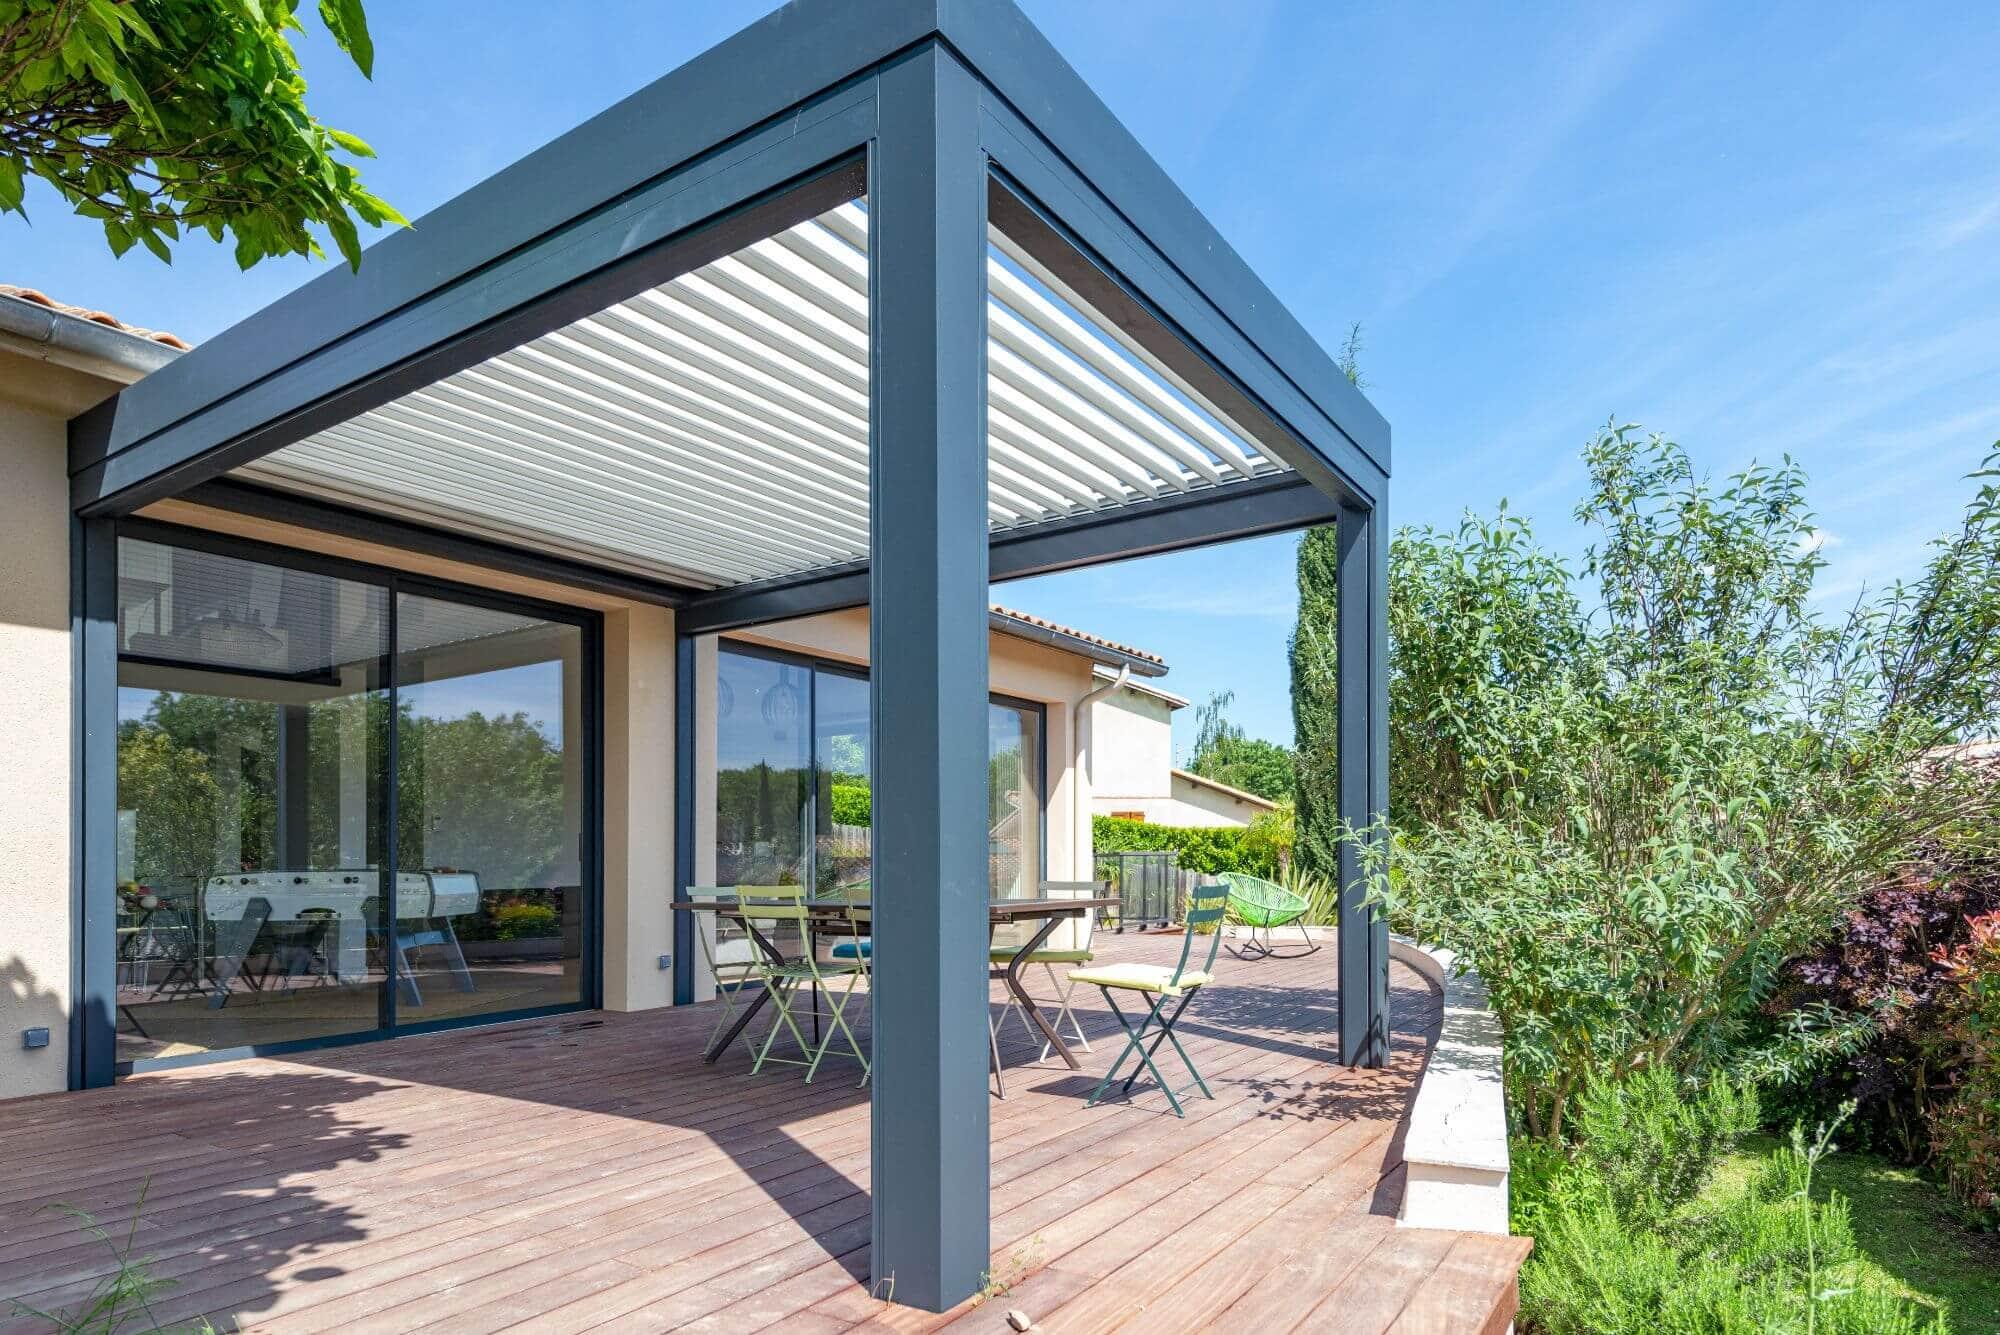 Terrasse refait à neuf, maison renovée